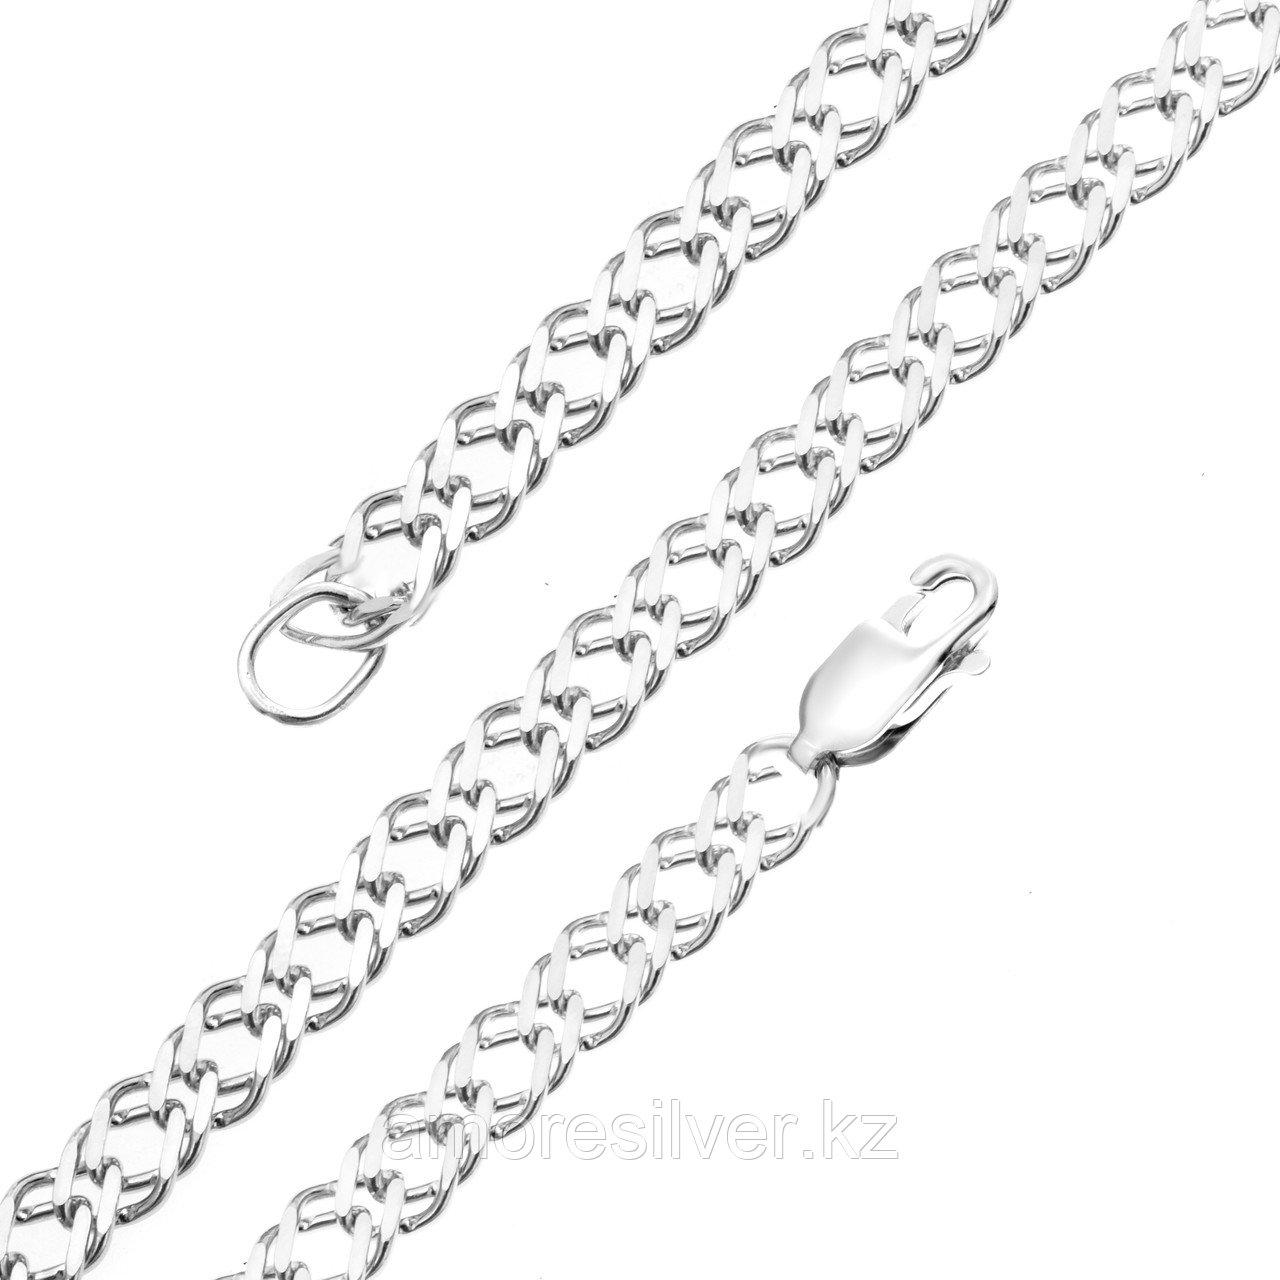 Цепь Красцветмет серебро с родием, без вставок, ромб двойной НЦ 22-076-3-120 размеры - 50 55 60